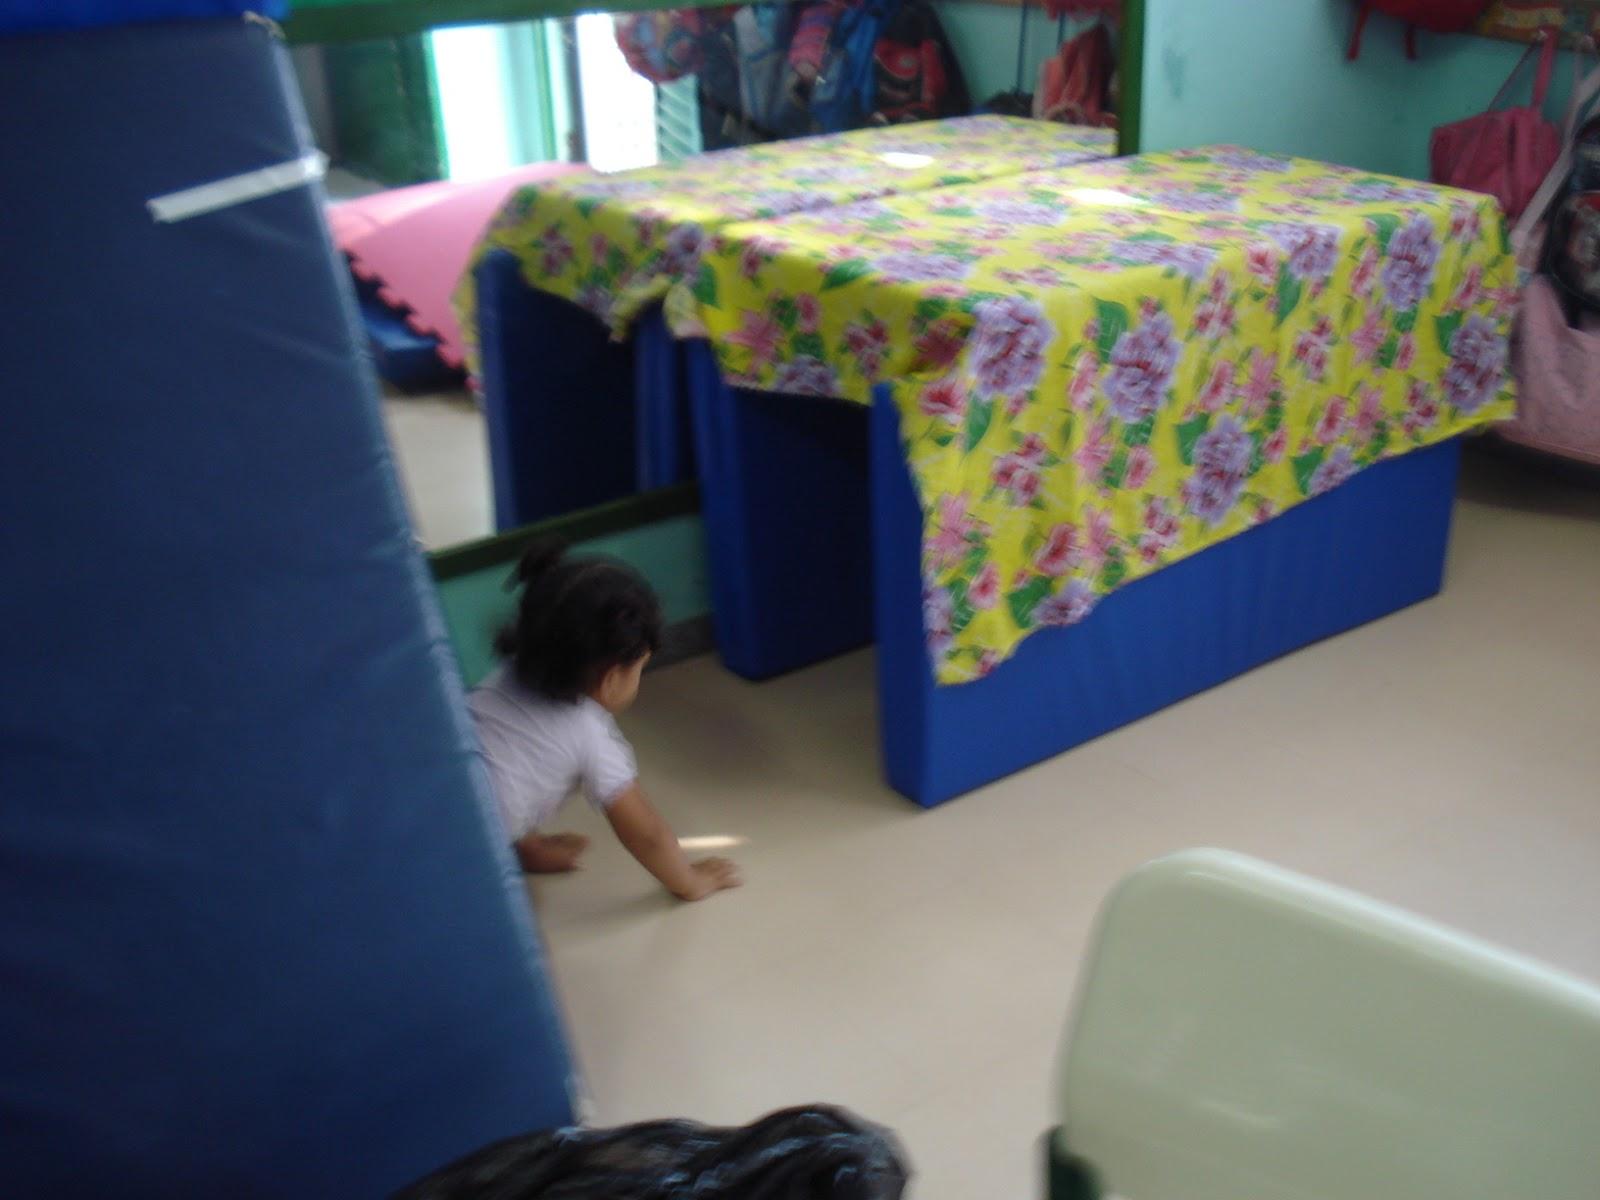 Suficiente Educação Infantil de Qualidade: Circuito de obstáculos FQ22